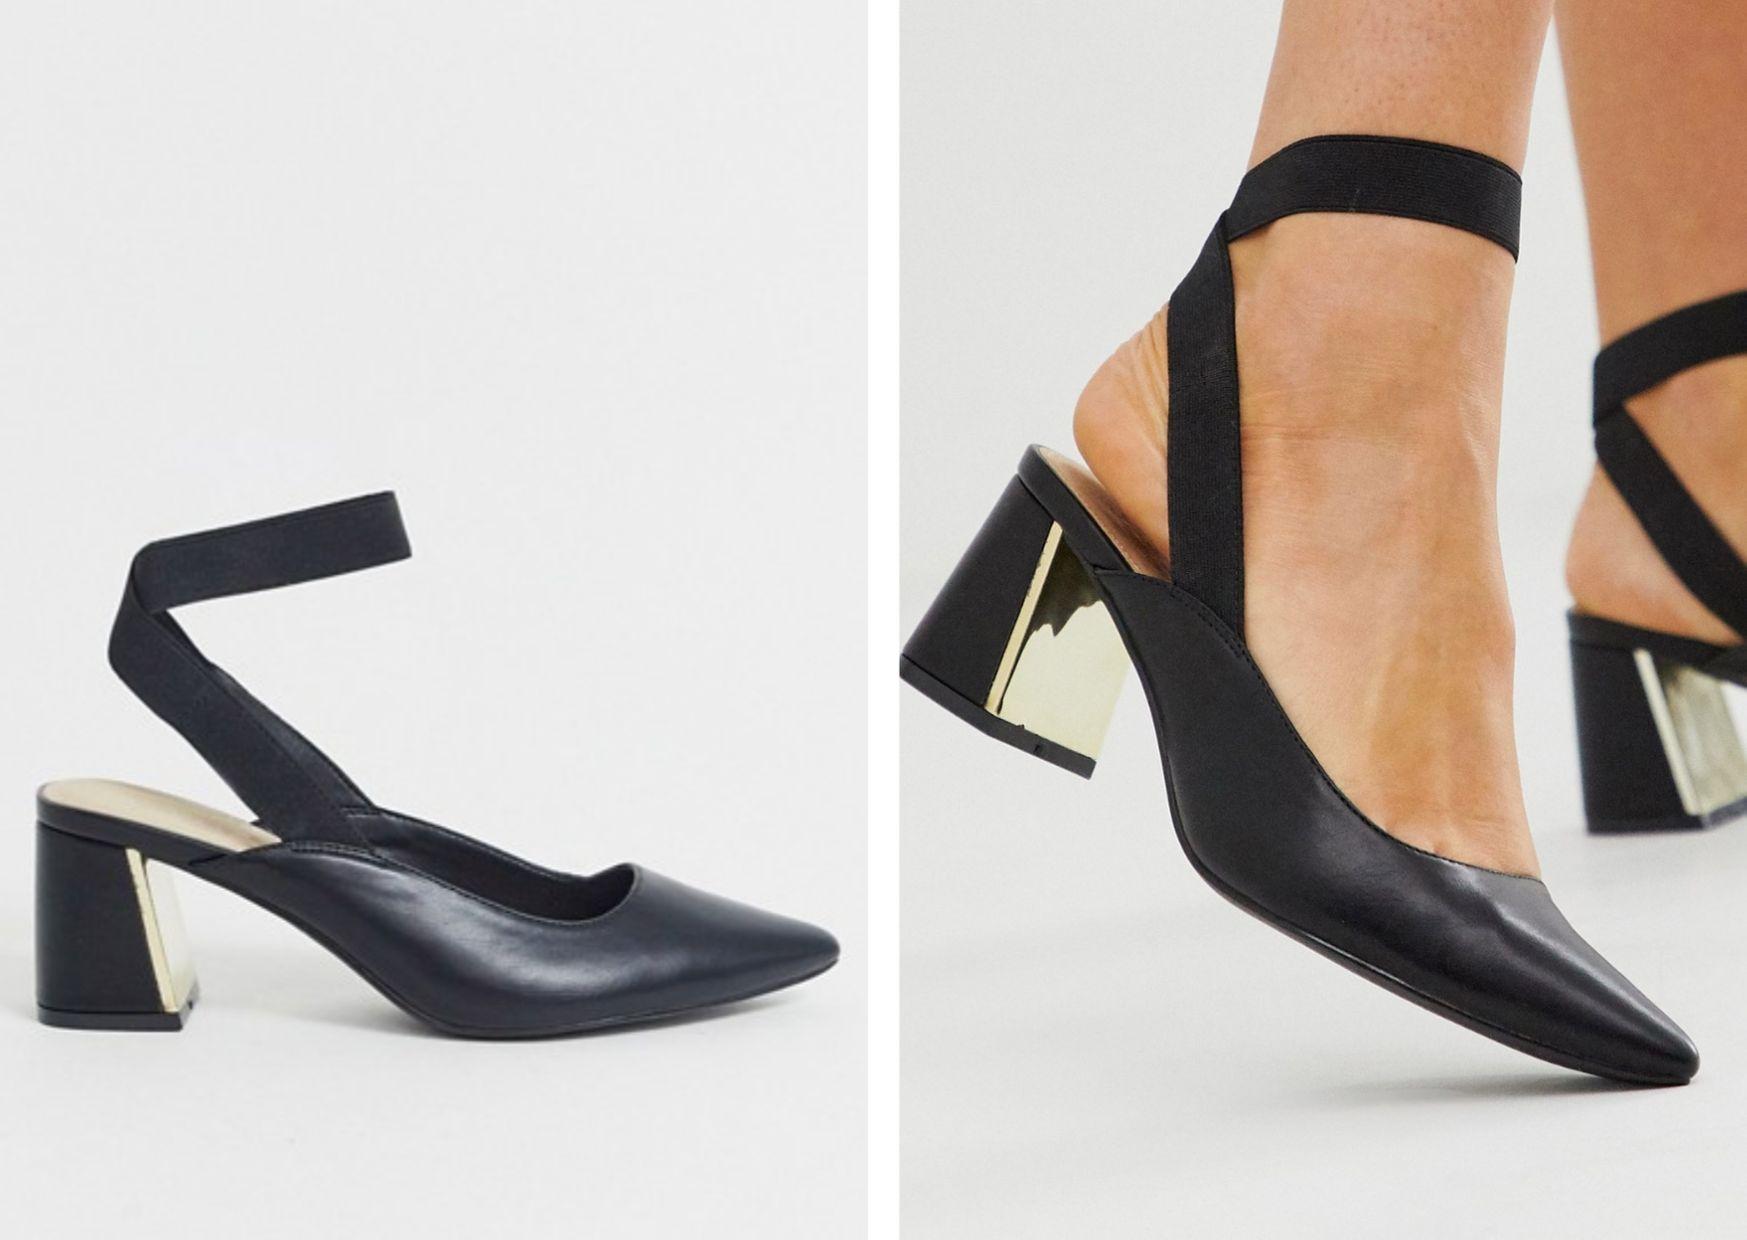 Zapatos de tacón cuadrado con tira trasera y puntera en punta en negro de Truffle Collection